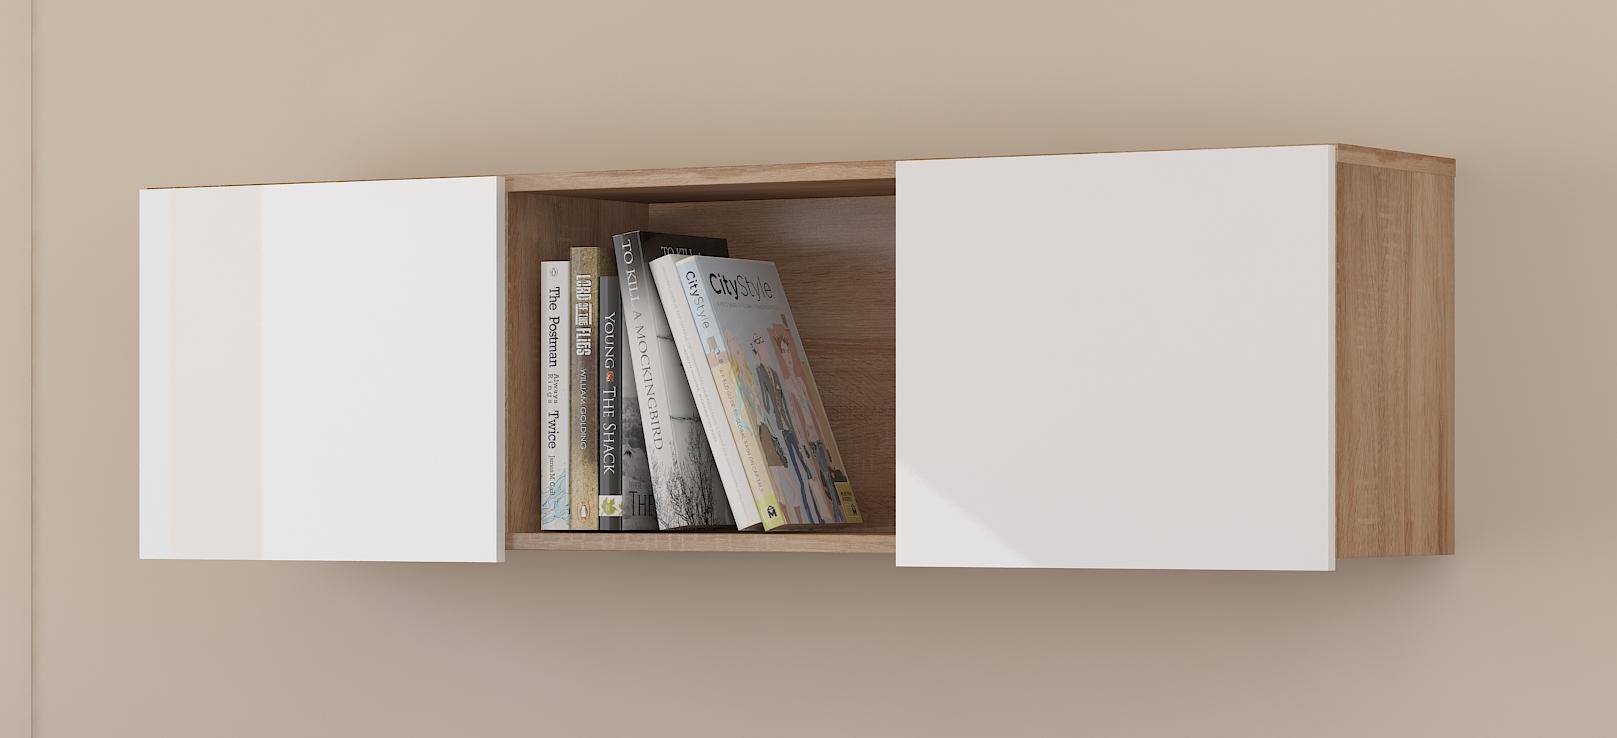 Polička - WIP - Uno dub sonoma svetlý + lesk biely. Sme autorizovaný predajca WIP. Vlastná spoľahlivá doprava až k Vám domov.